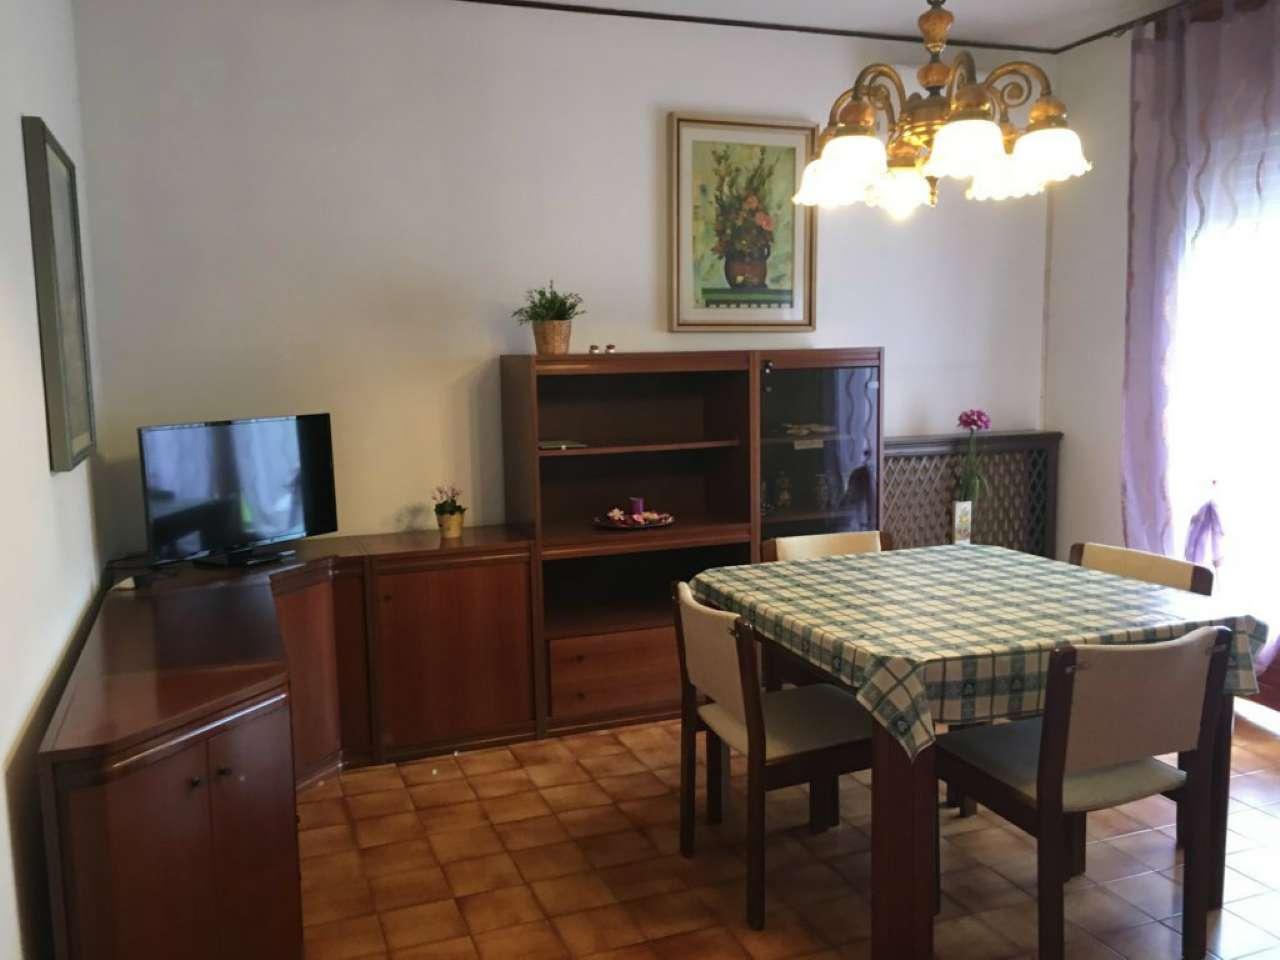 Appartamento in vendita a Mira, 5 locali, prezzo € 110.000   CambioCasa.it